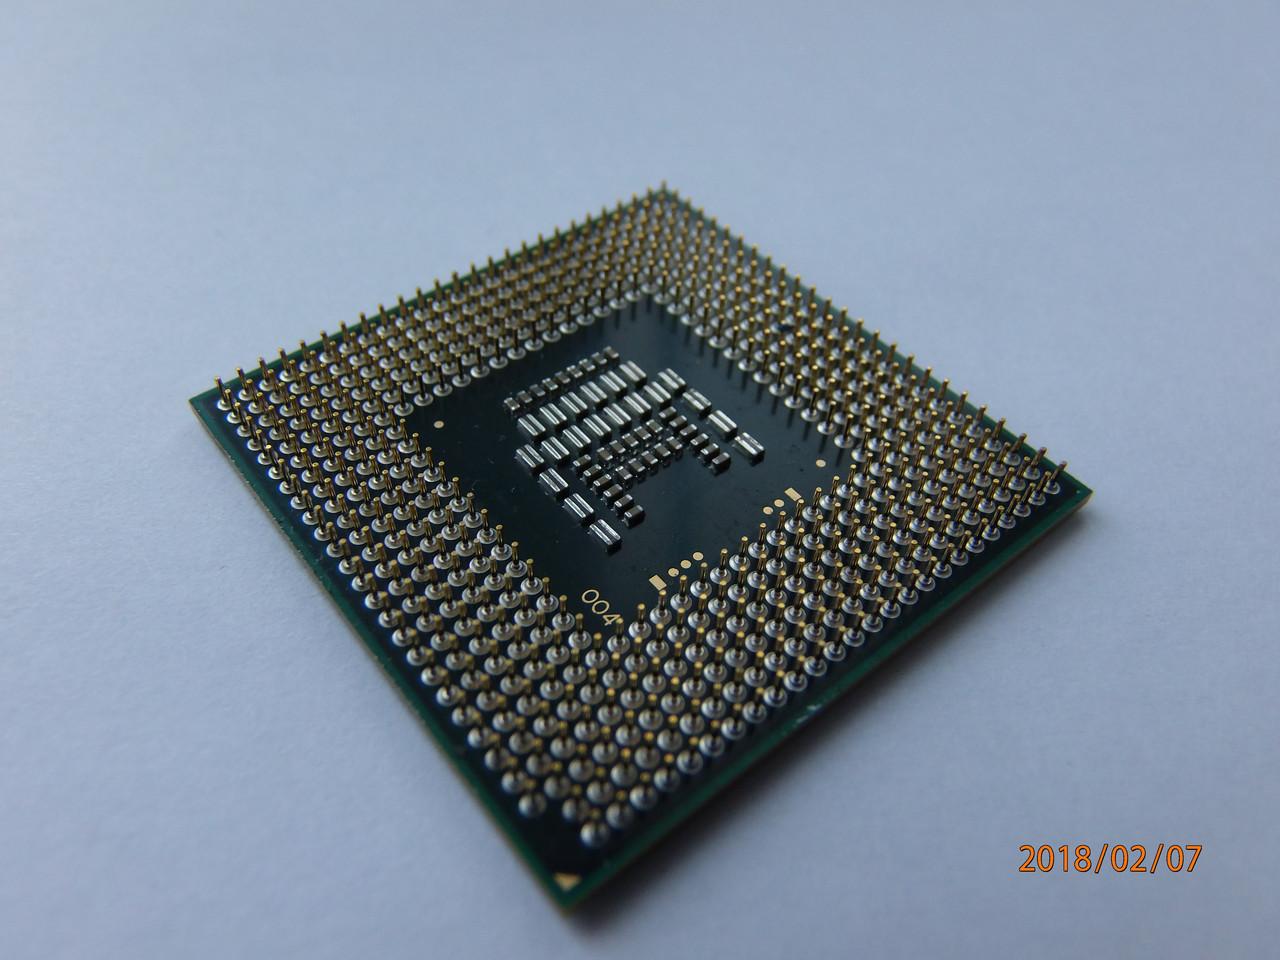 Процессор Intel® Core™2 Duo T6570 2 МБ кэш-памяти, тактовая частота 2,10 ГГц, частота системной шины 800 МГц